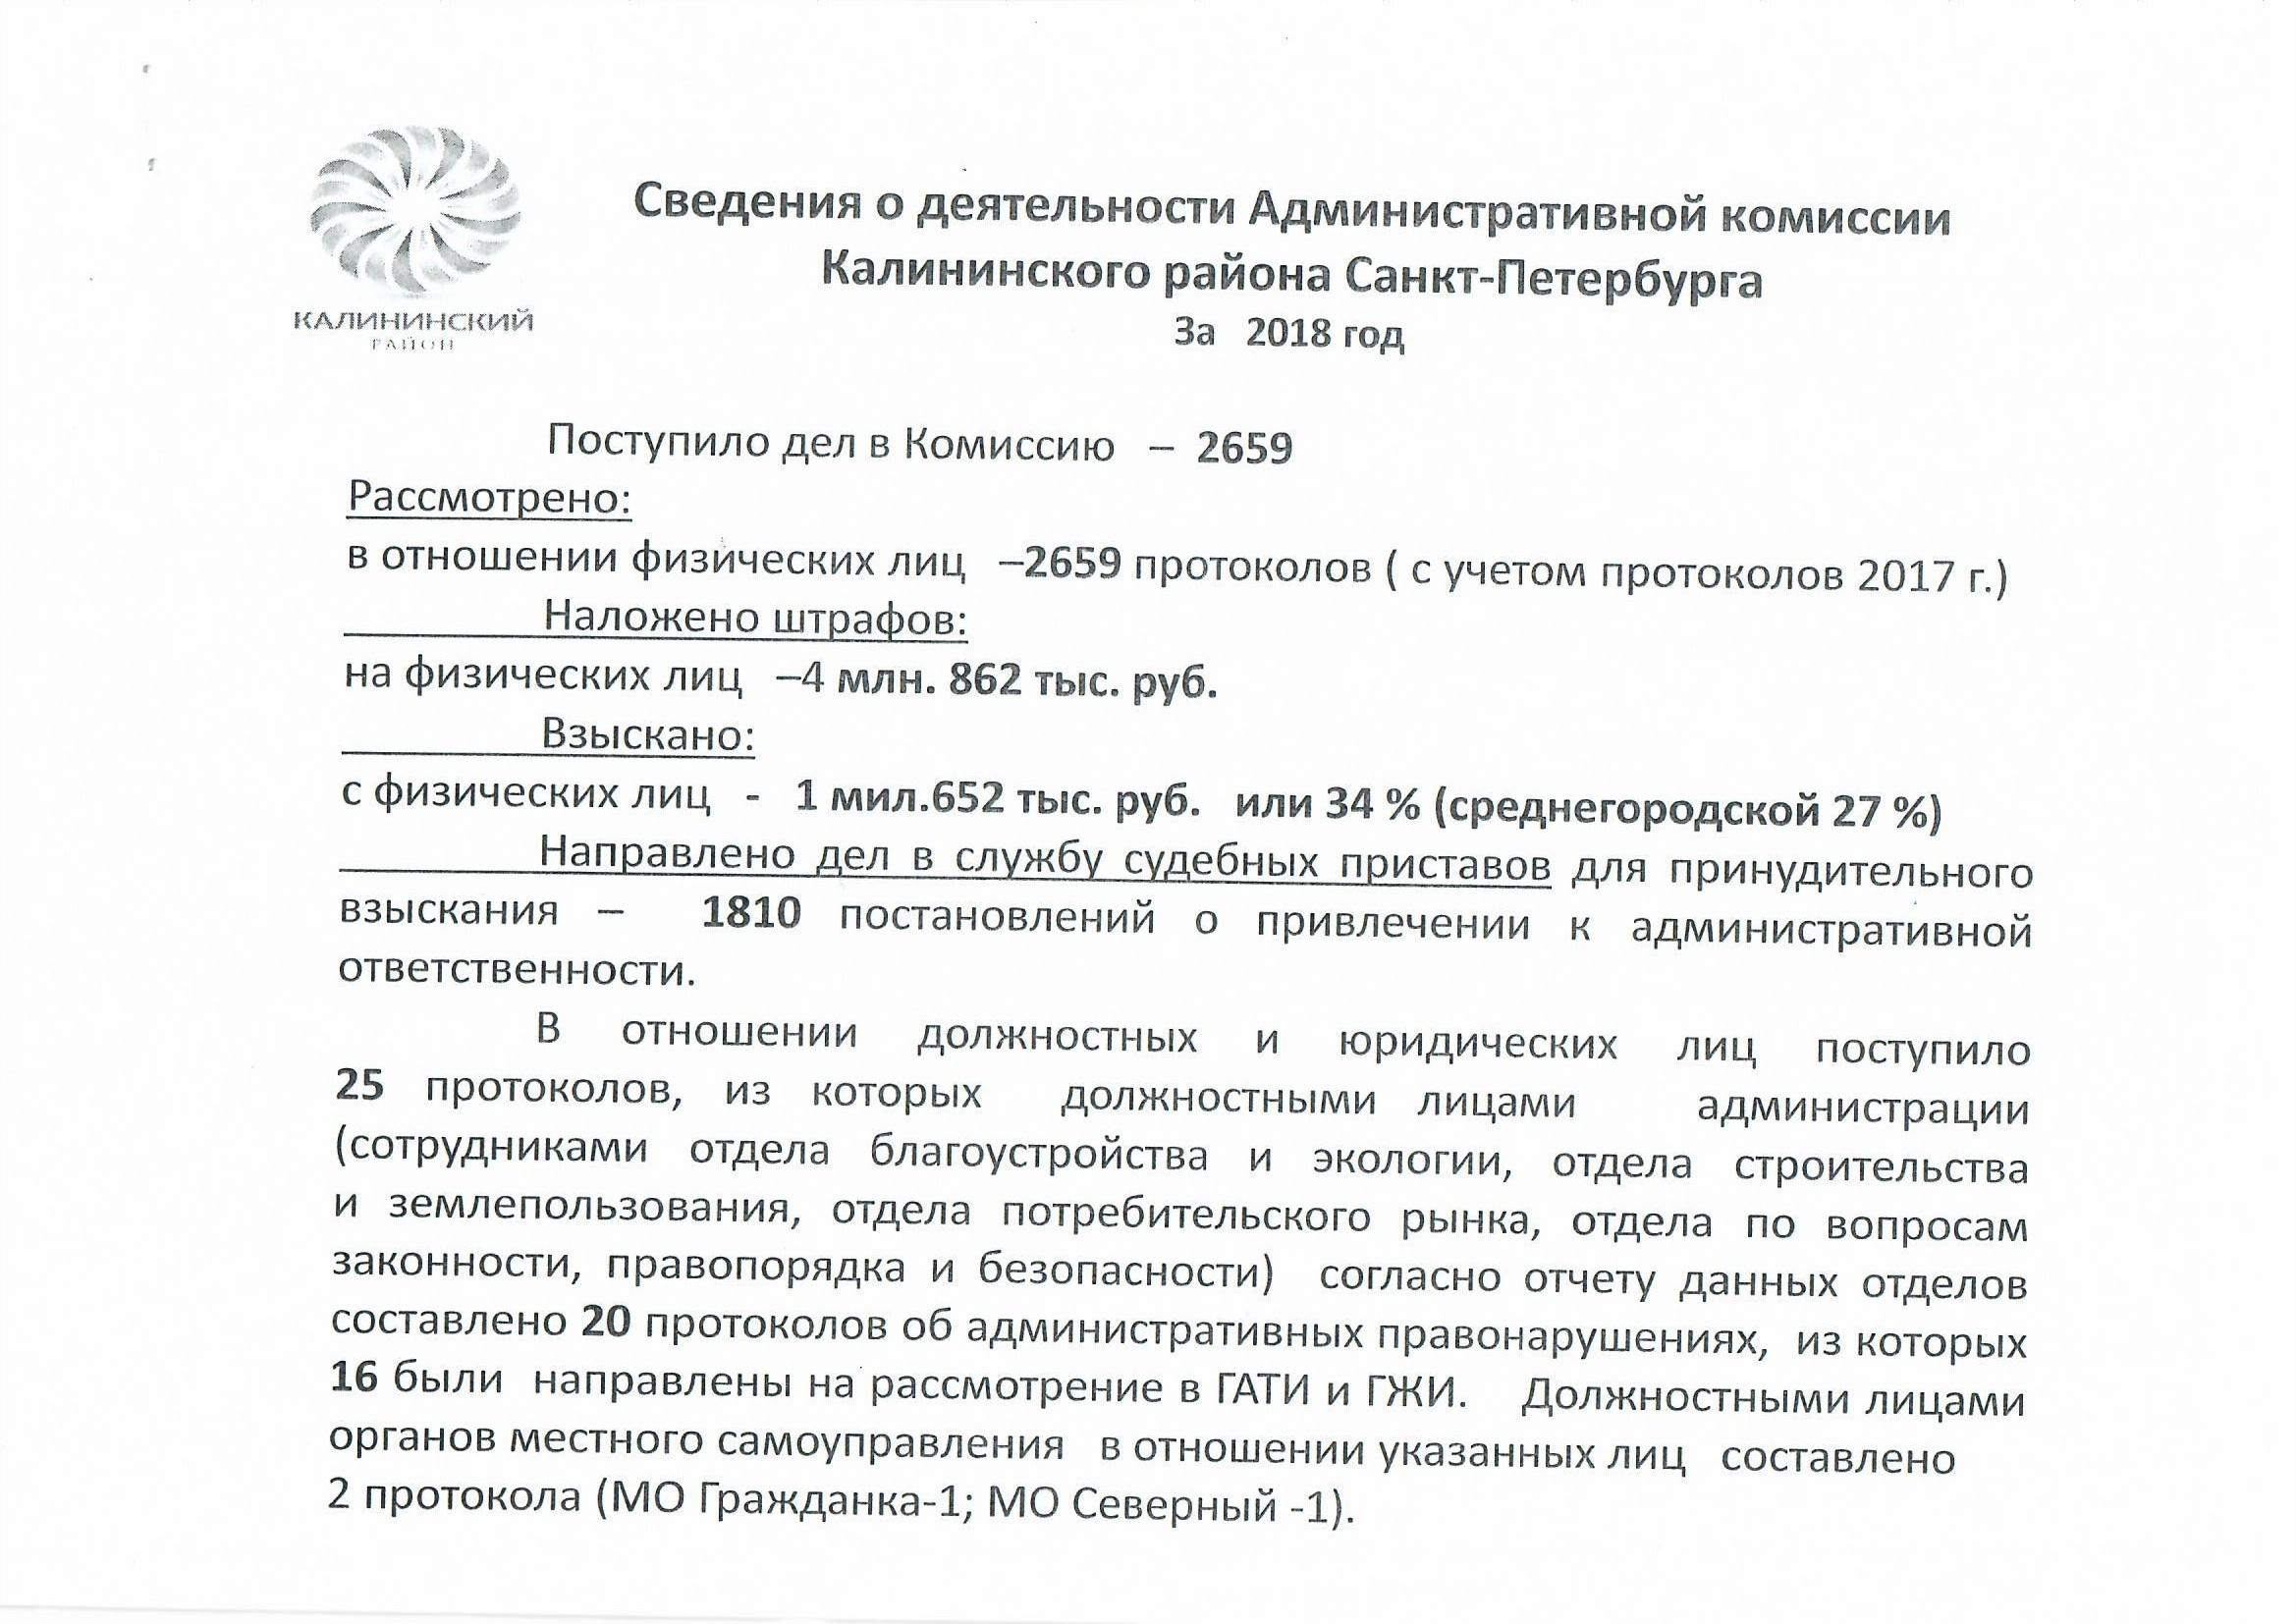 Сведения о деятельности Административной комиссии за 2018 год